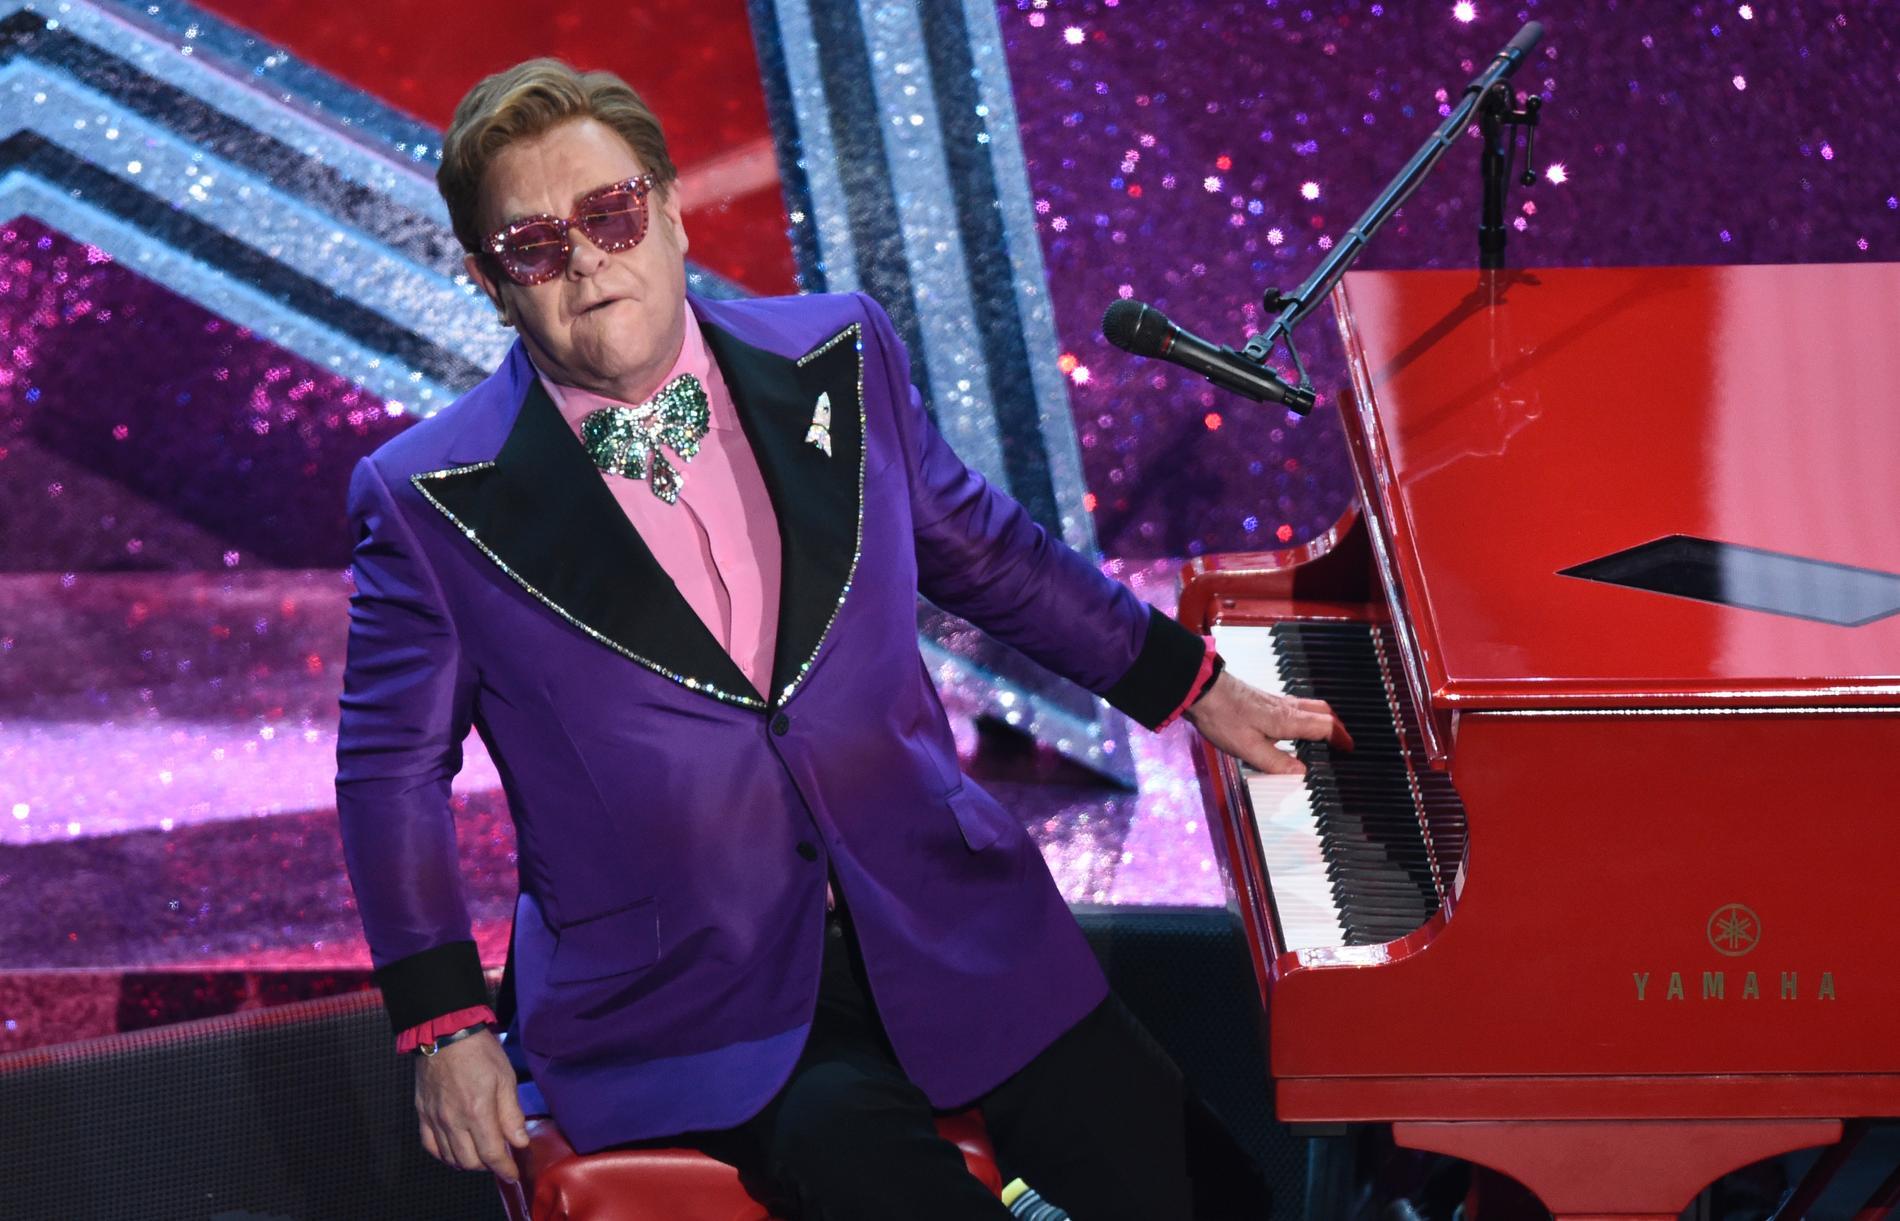 Elton John ska spela på Tele 2 Arena den 1 och 2 oktober. Förhoppningsvis.